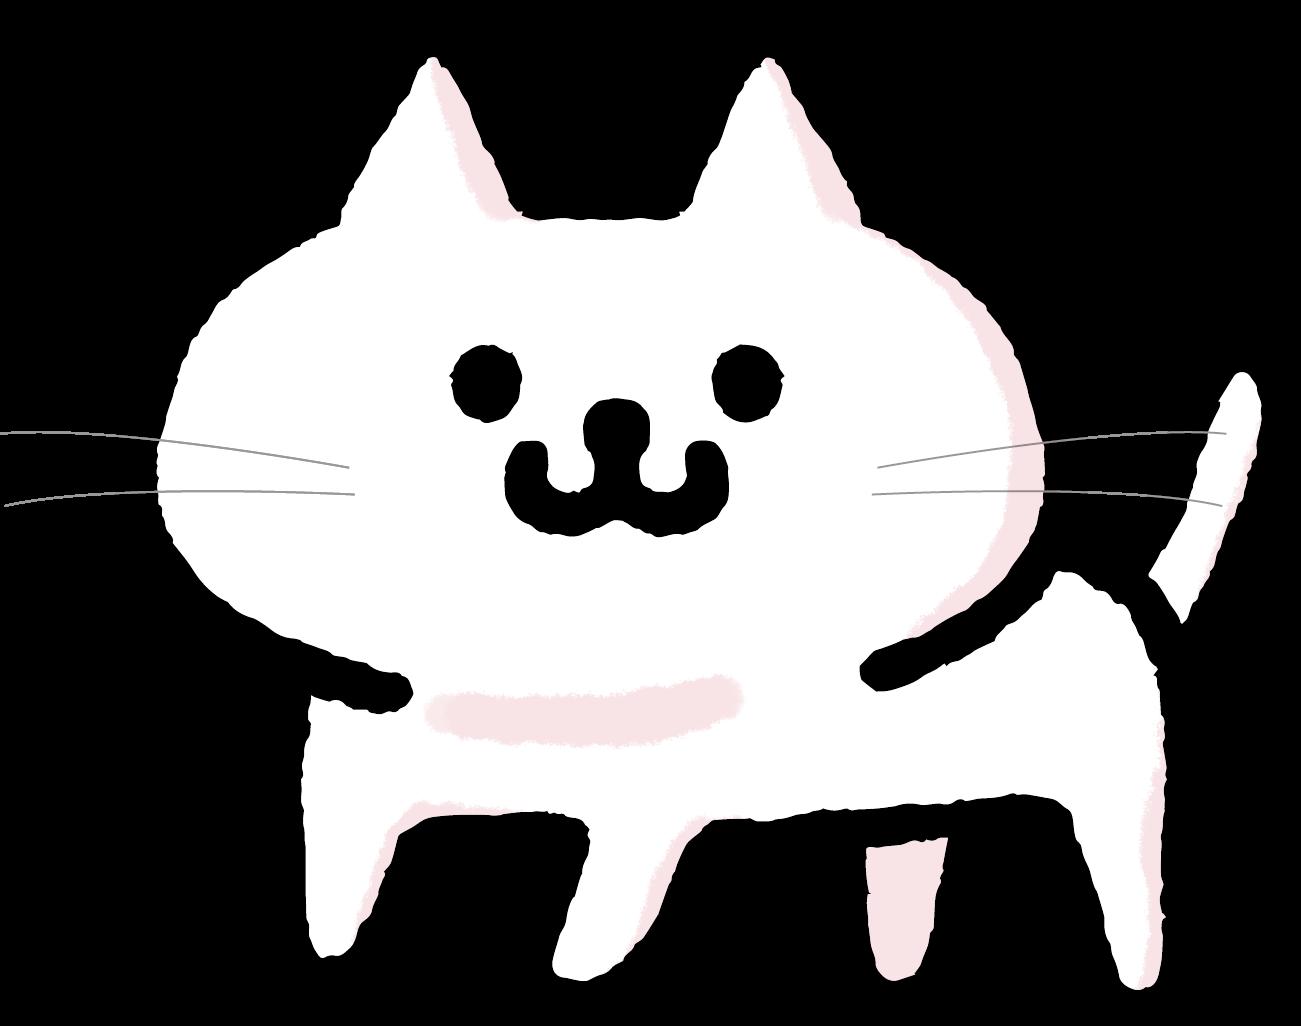 白猫のイラスト | かわいい無料イラスト素材